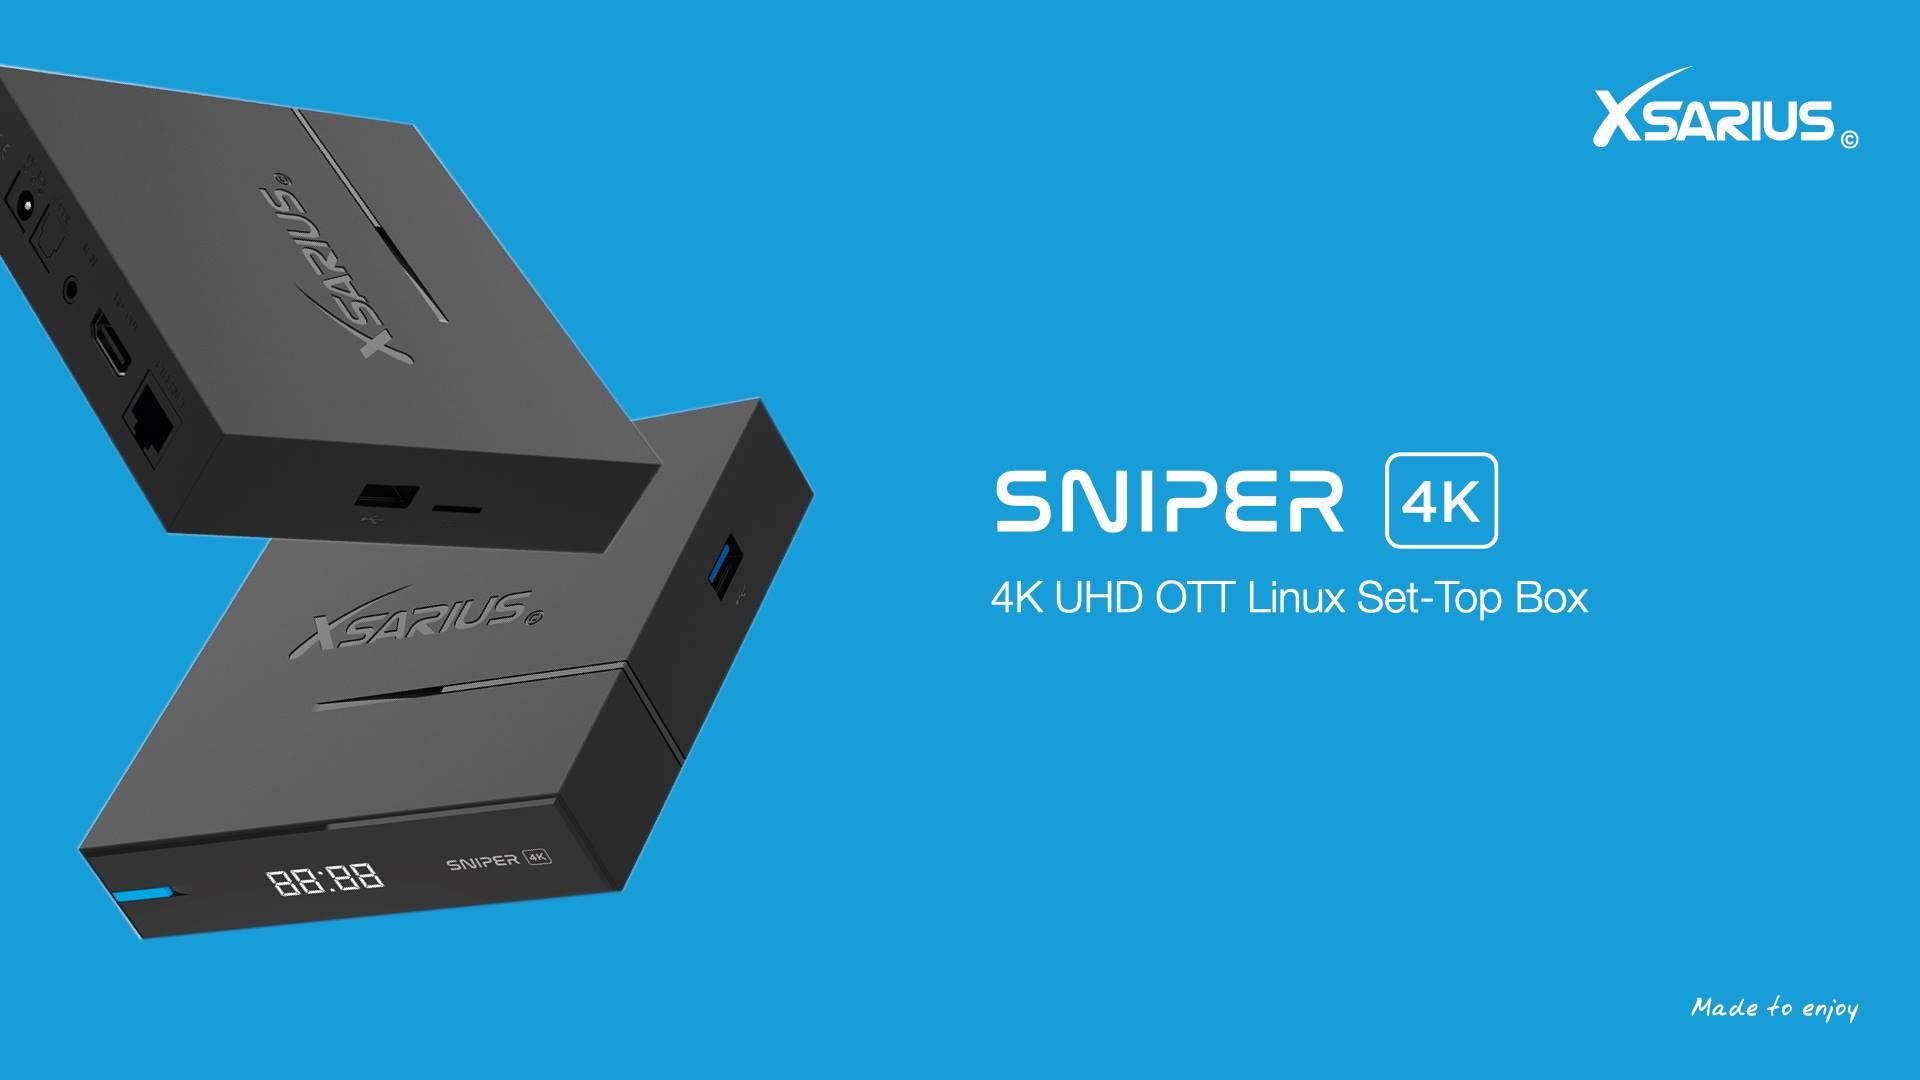 New: Xsarius Sniper 4K